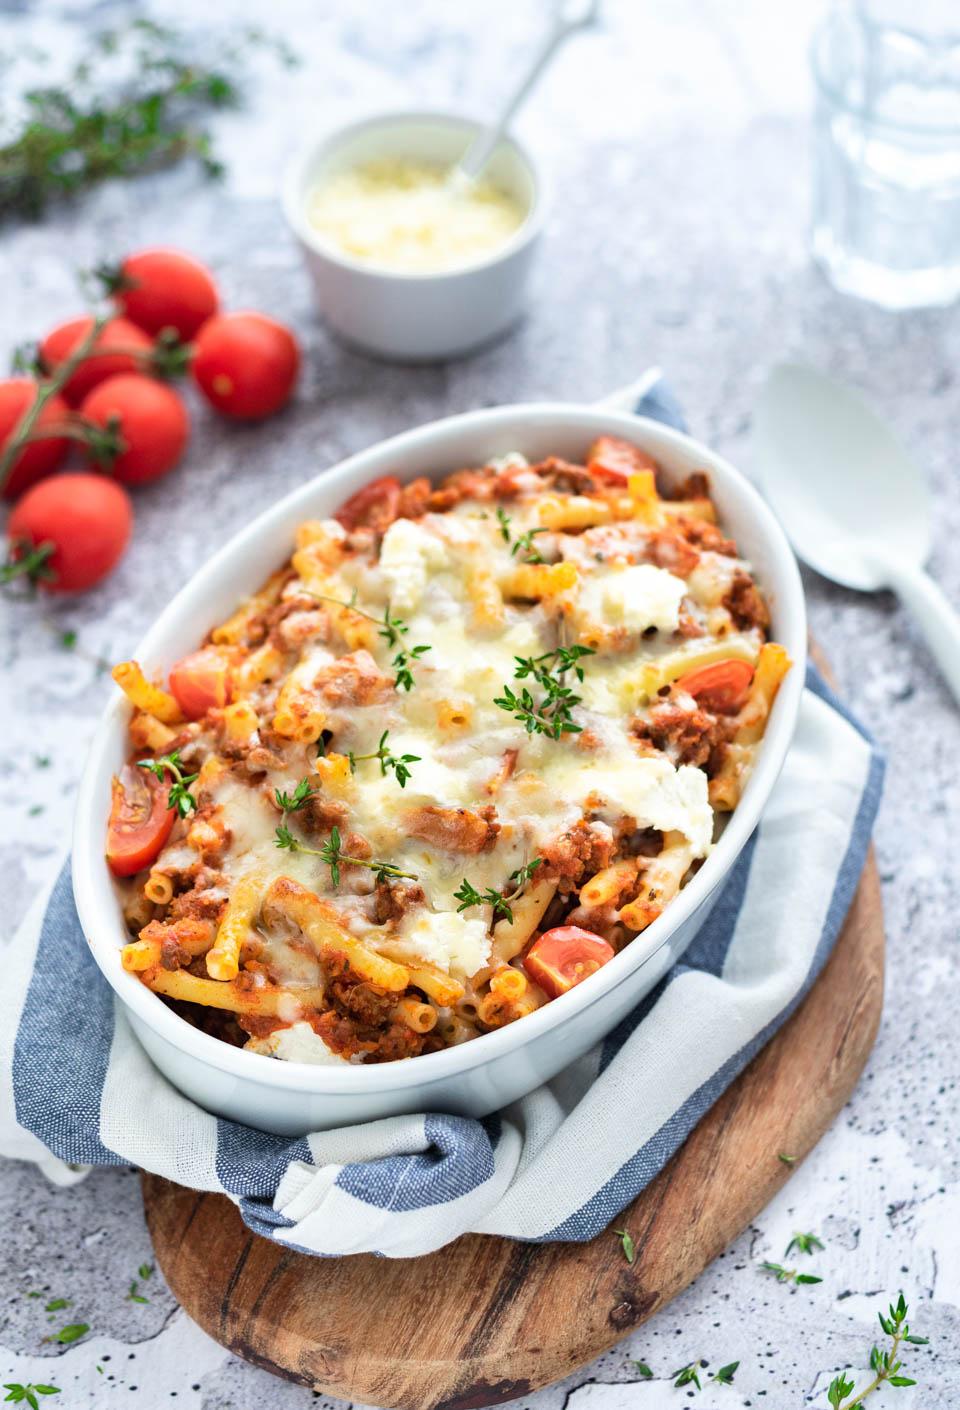 Ovenschotel met macaroni gehakt en kaas